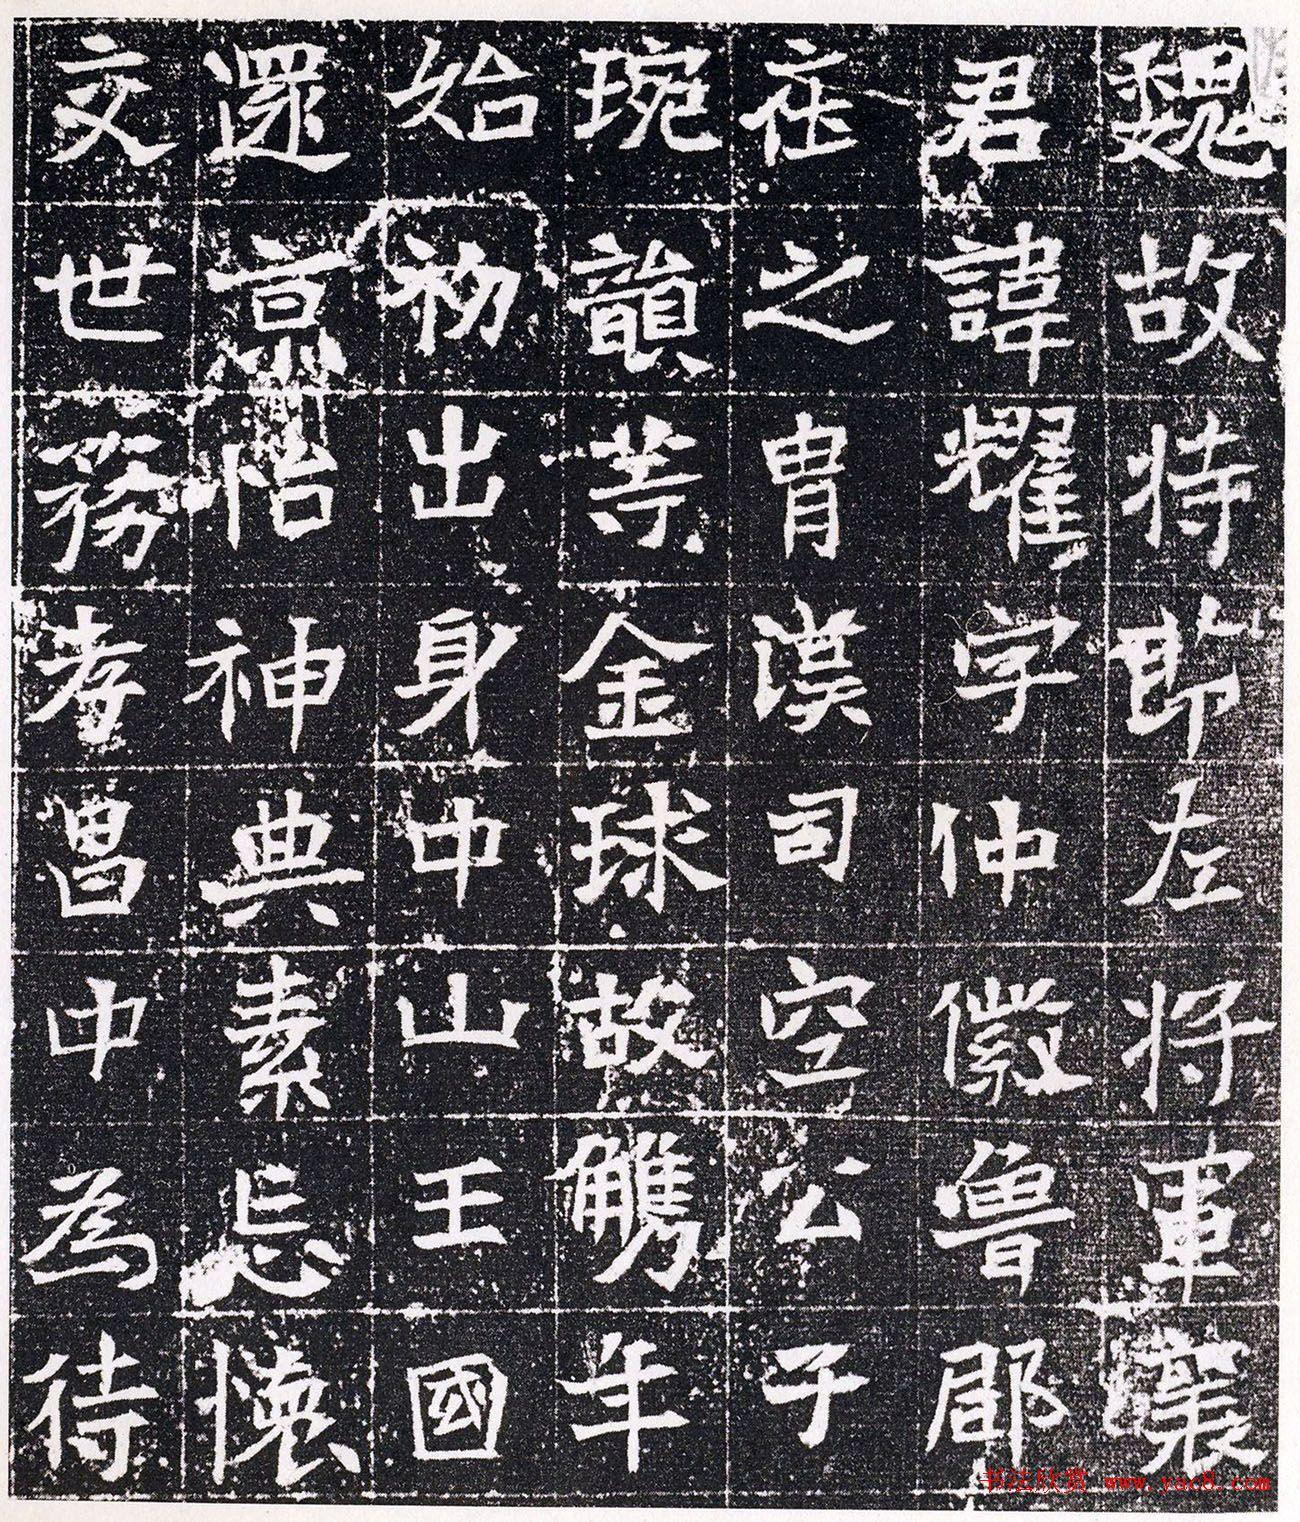 北魏正书《襄州刺史邹县男唐耀墓志》